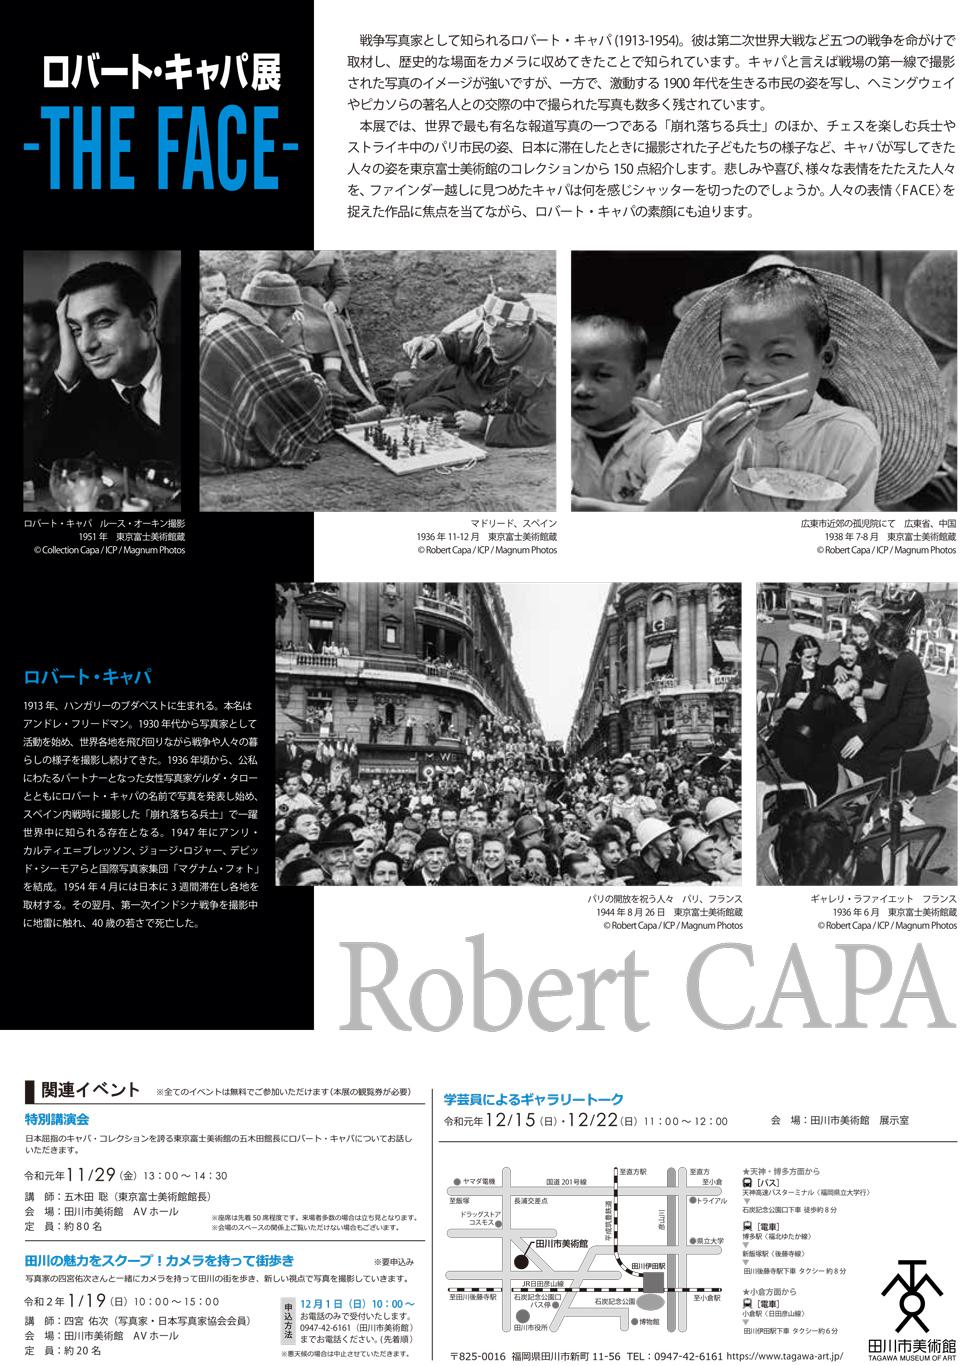 tagawa-201911-robert capa-展覧会2